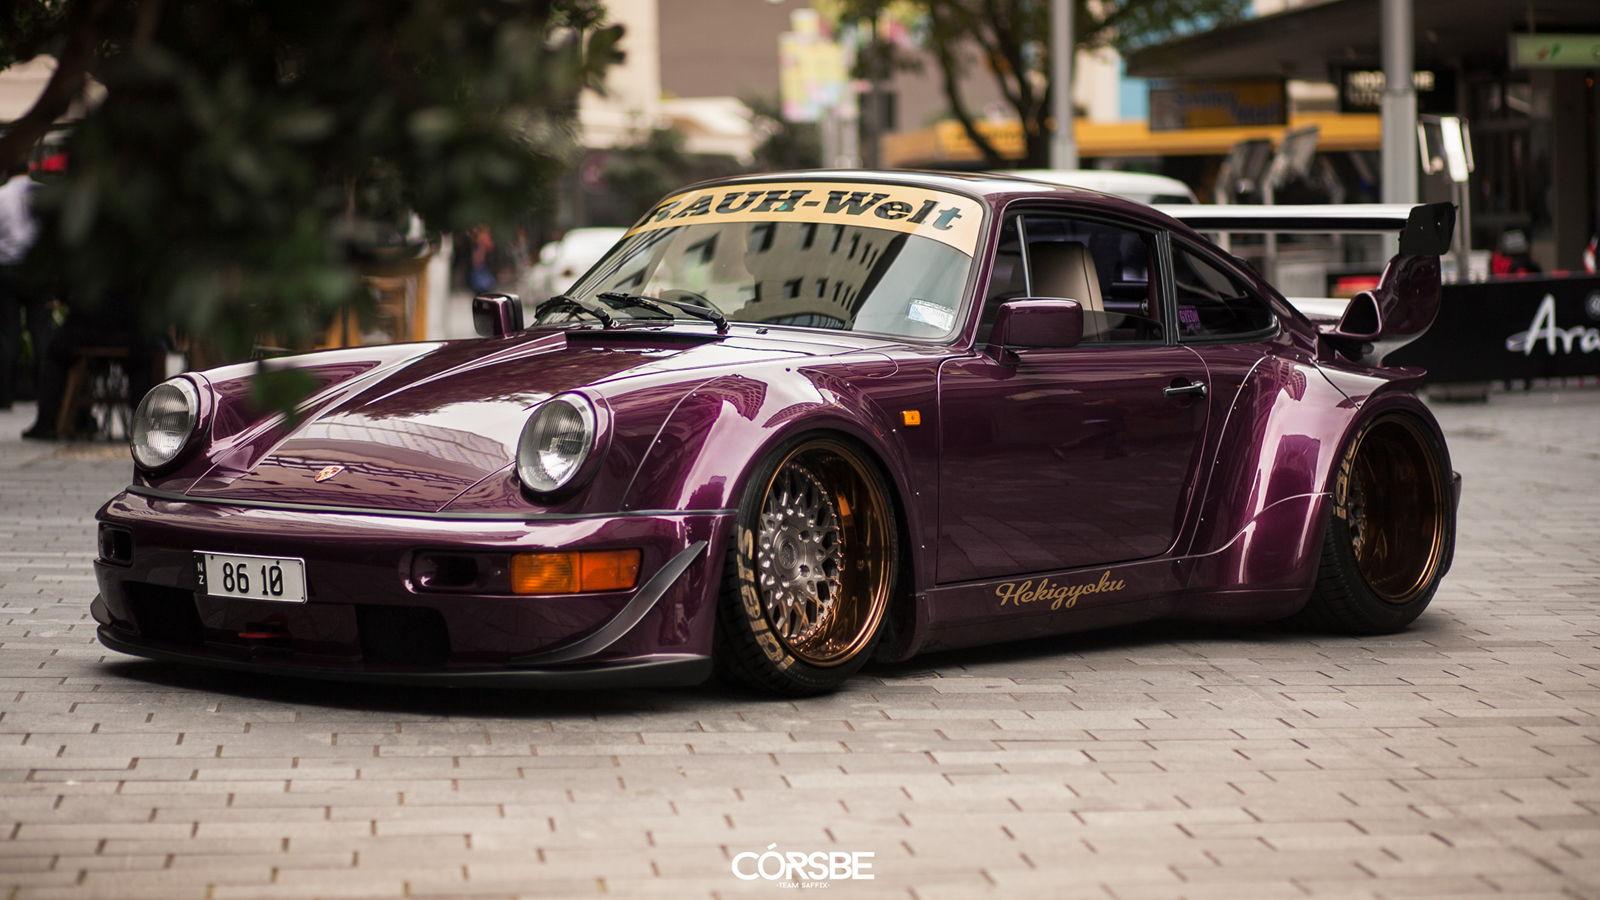 August Rauh Welt 964 Carrera